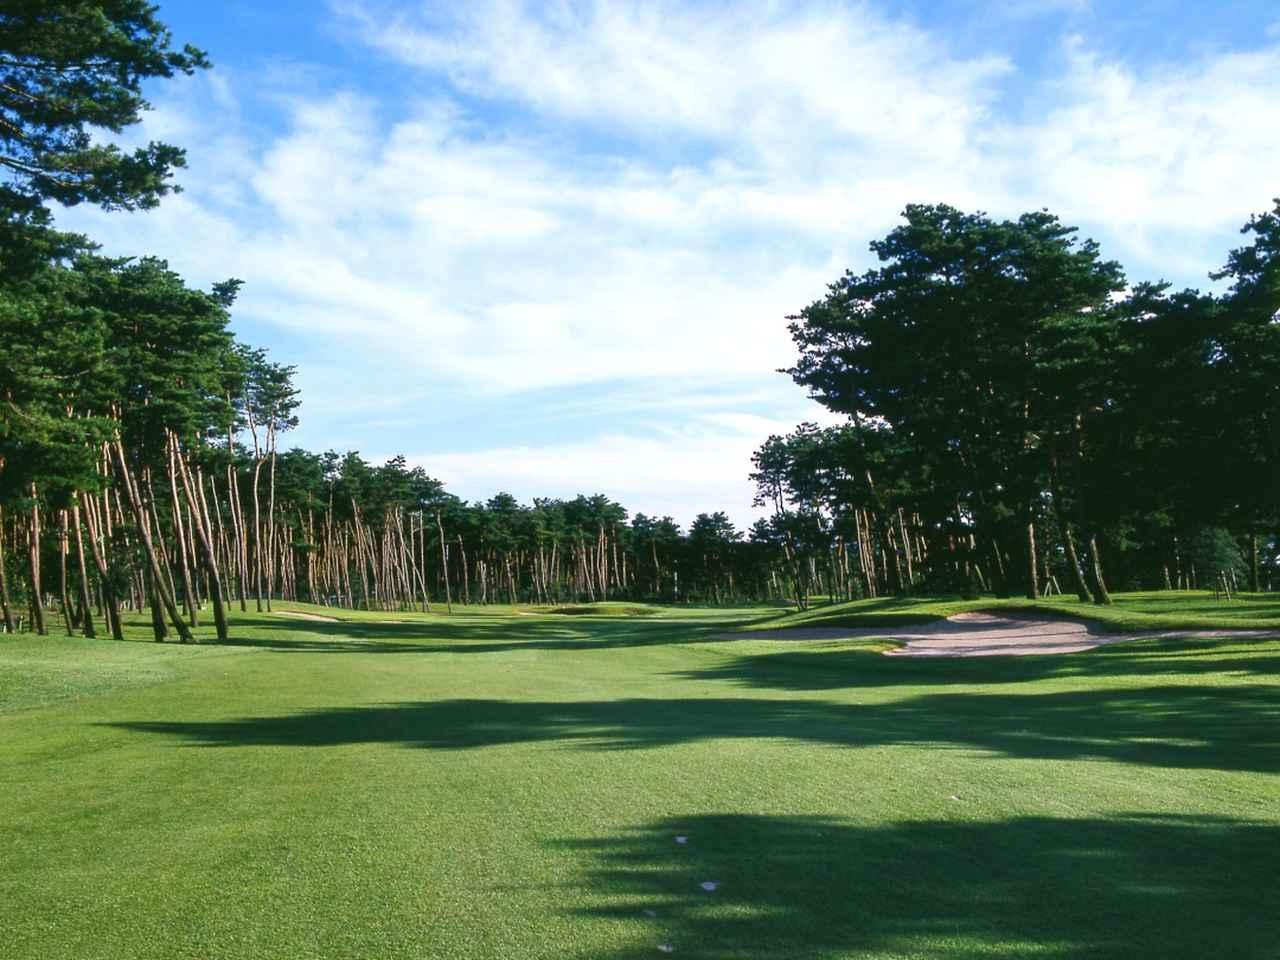 画像: 13番ホール/527㍎/パー5(加治川) 壮観な松林が正確なティショットを求める。2打目は落としどころが狭く感じられ、飛距離よりも正確性が求められる